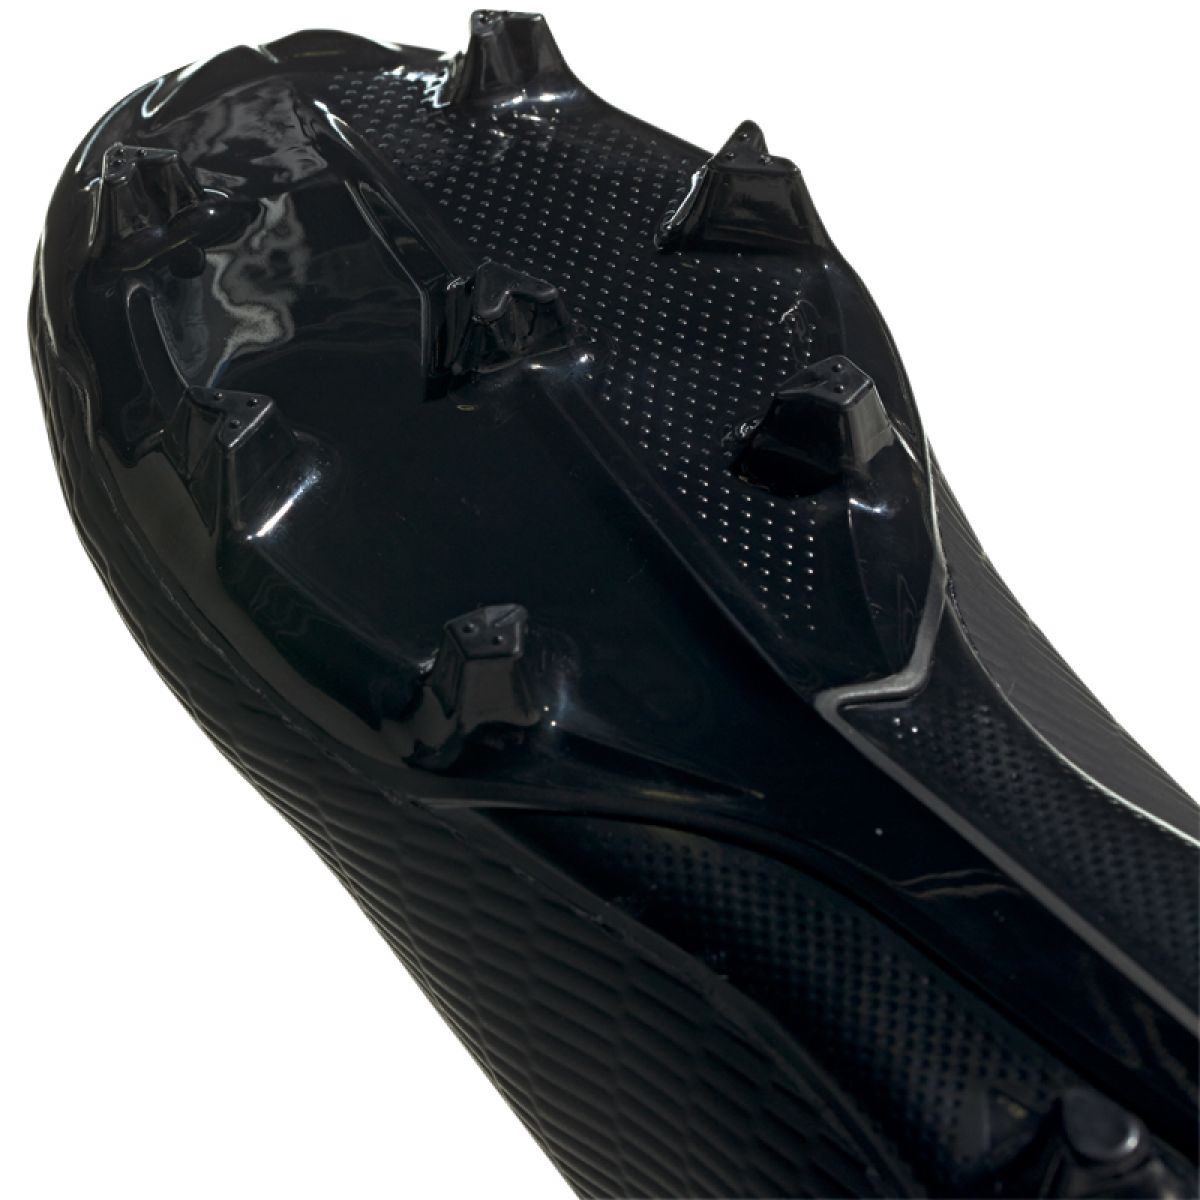 Chuteira Esportiva Adidas Preta | Shoes4you